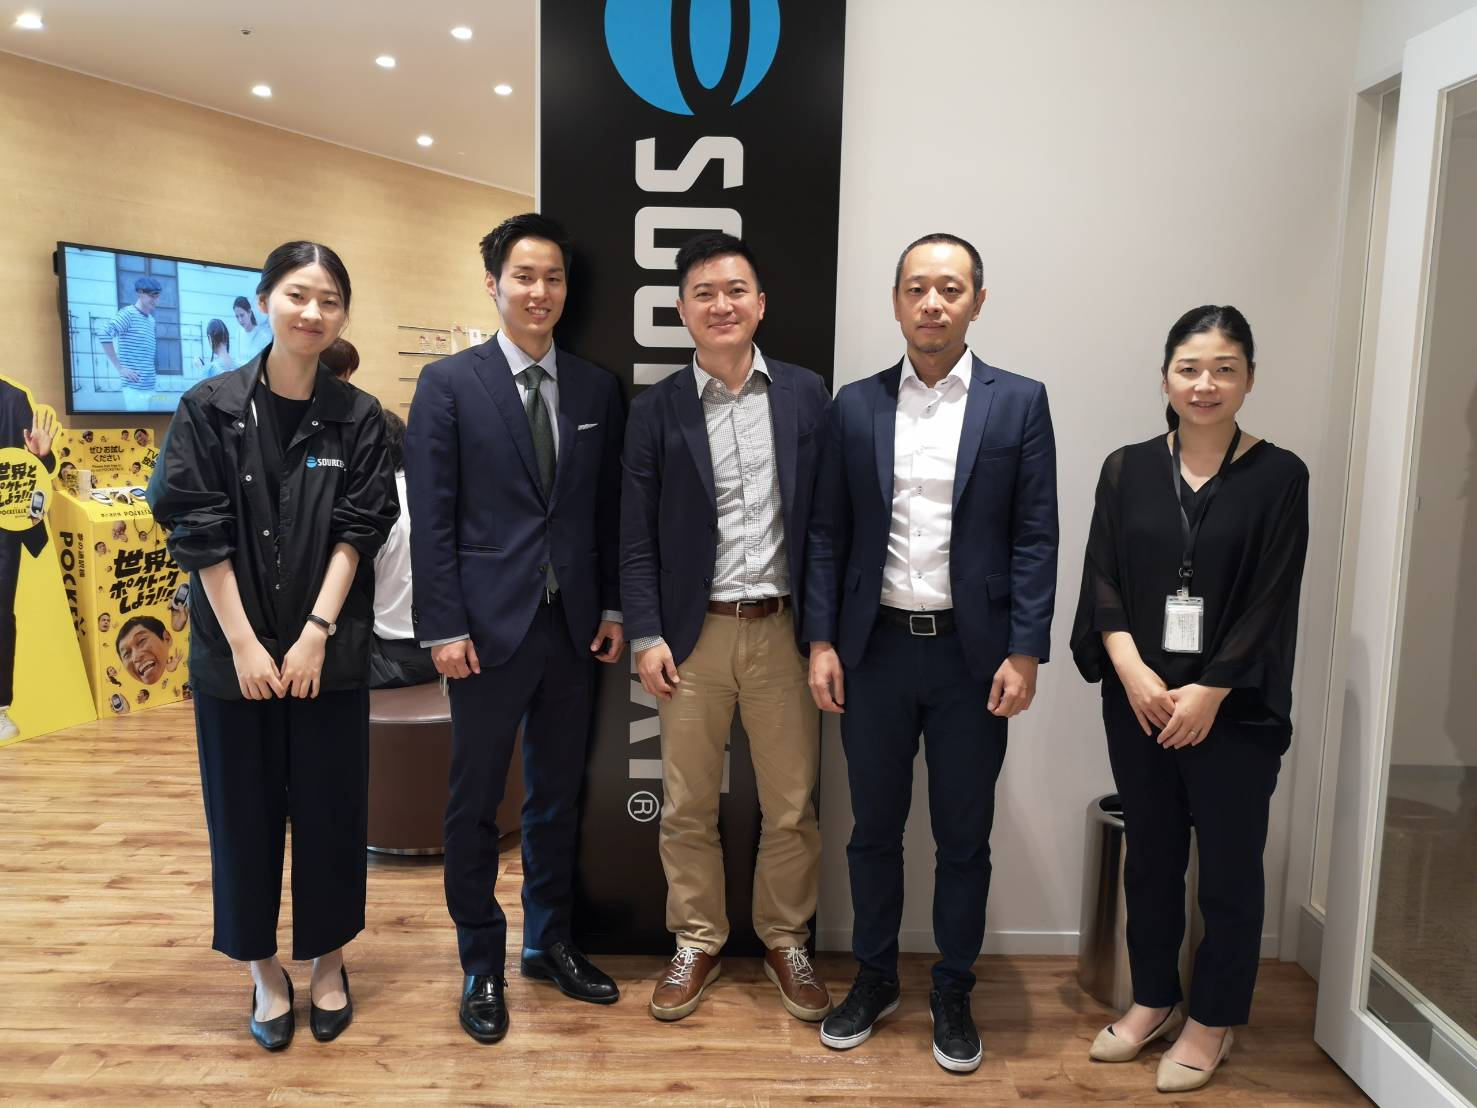 凱鈿行動科技與日本Sourcenext攜手合作,進軍日本最大App市場